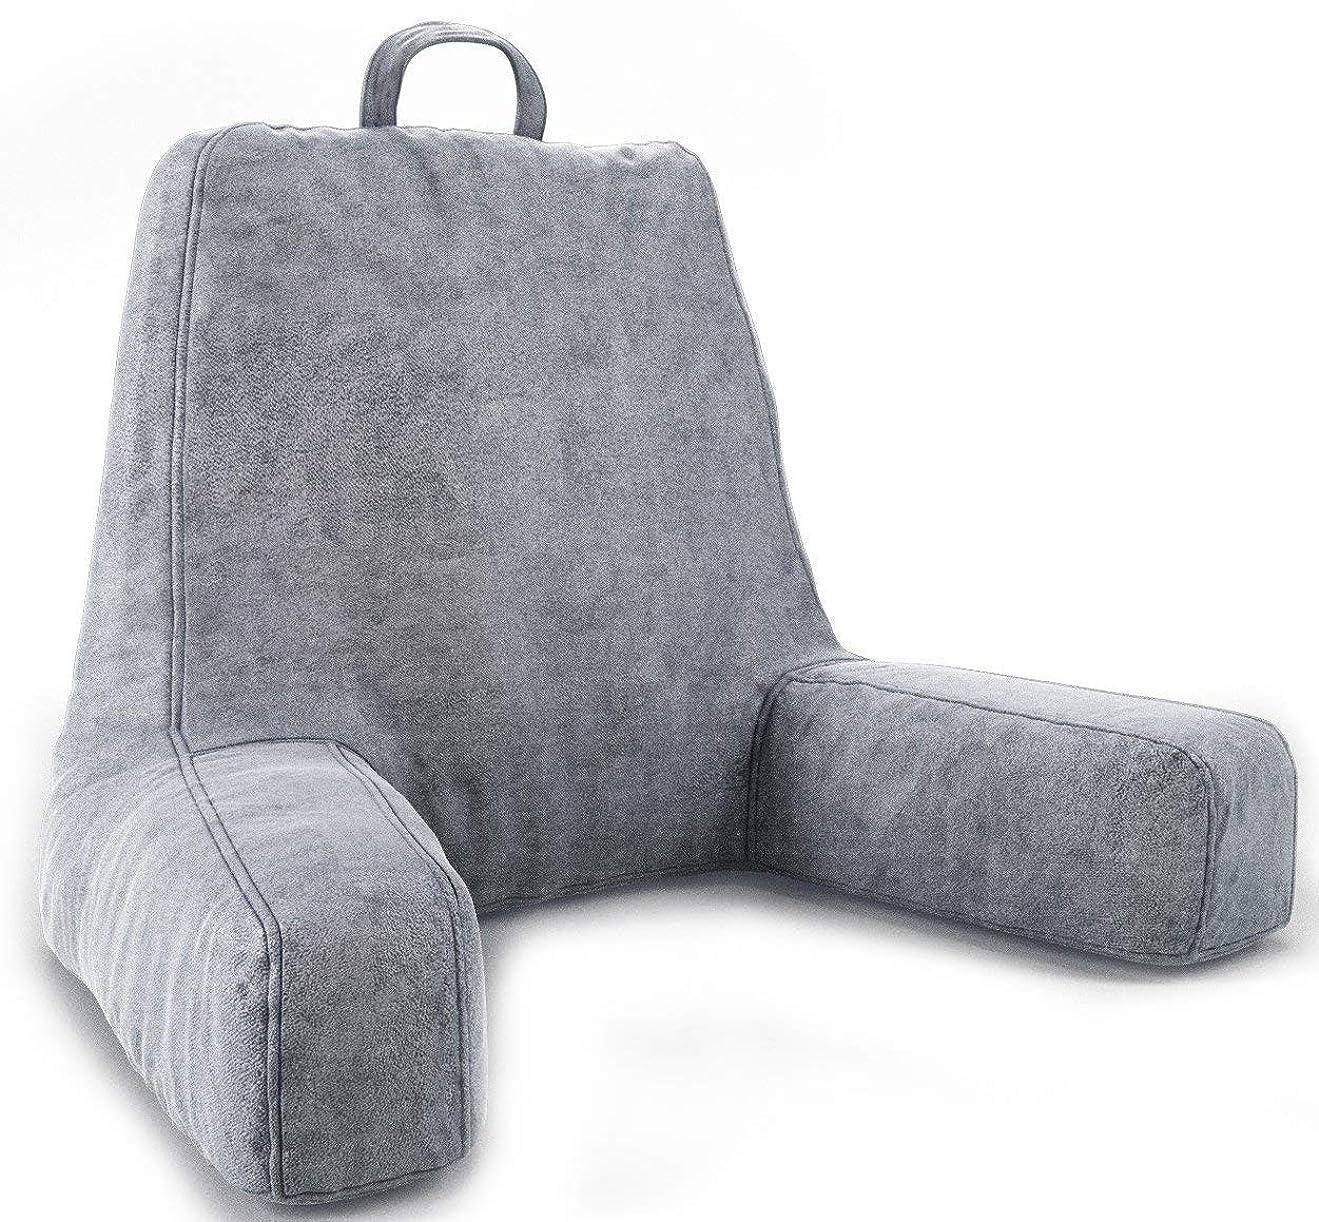 鮫はさみスムーズにComfySure ベットレスト 読書とテレビ枕 アームレスト付き - 大きな断片メモリーフォームクッション 妊婦用 - 腰部 尾骨 下背 首 頭をサポート 14